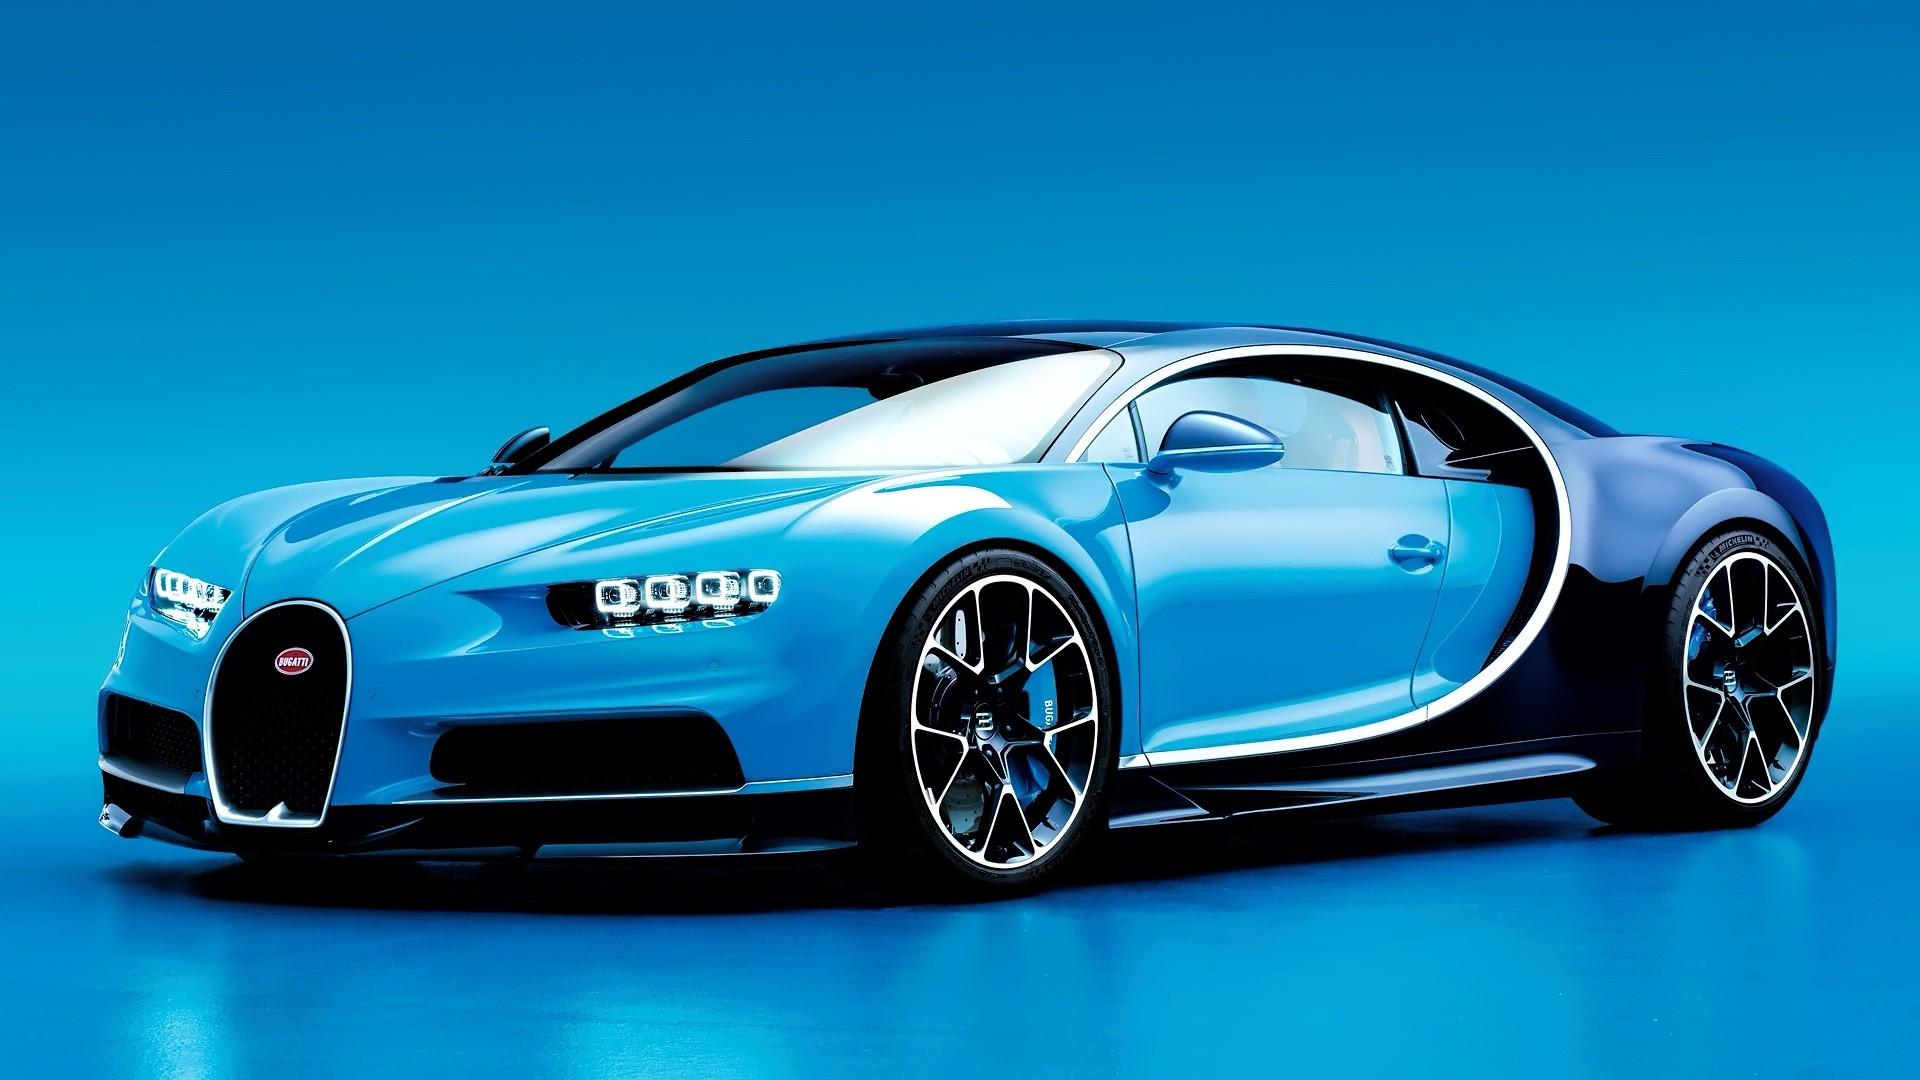 Bugatti Chiron a Wallpaper